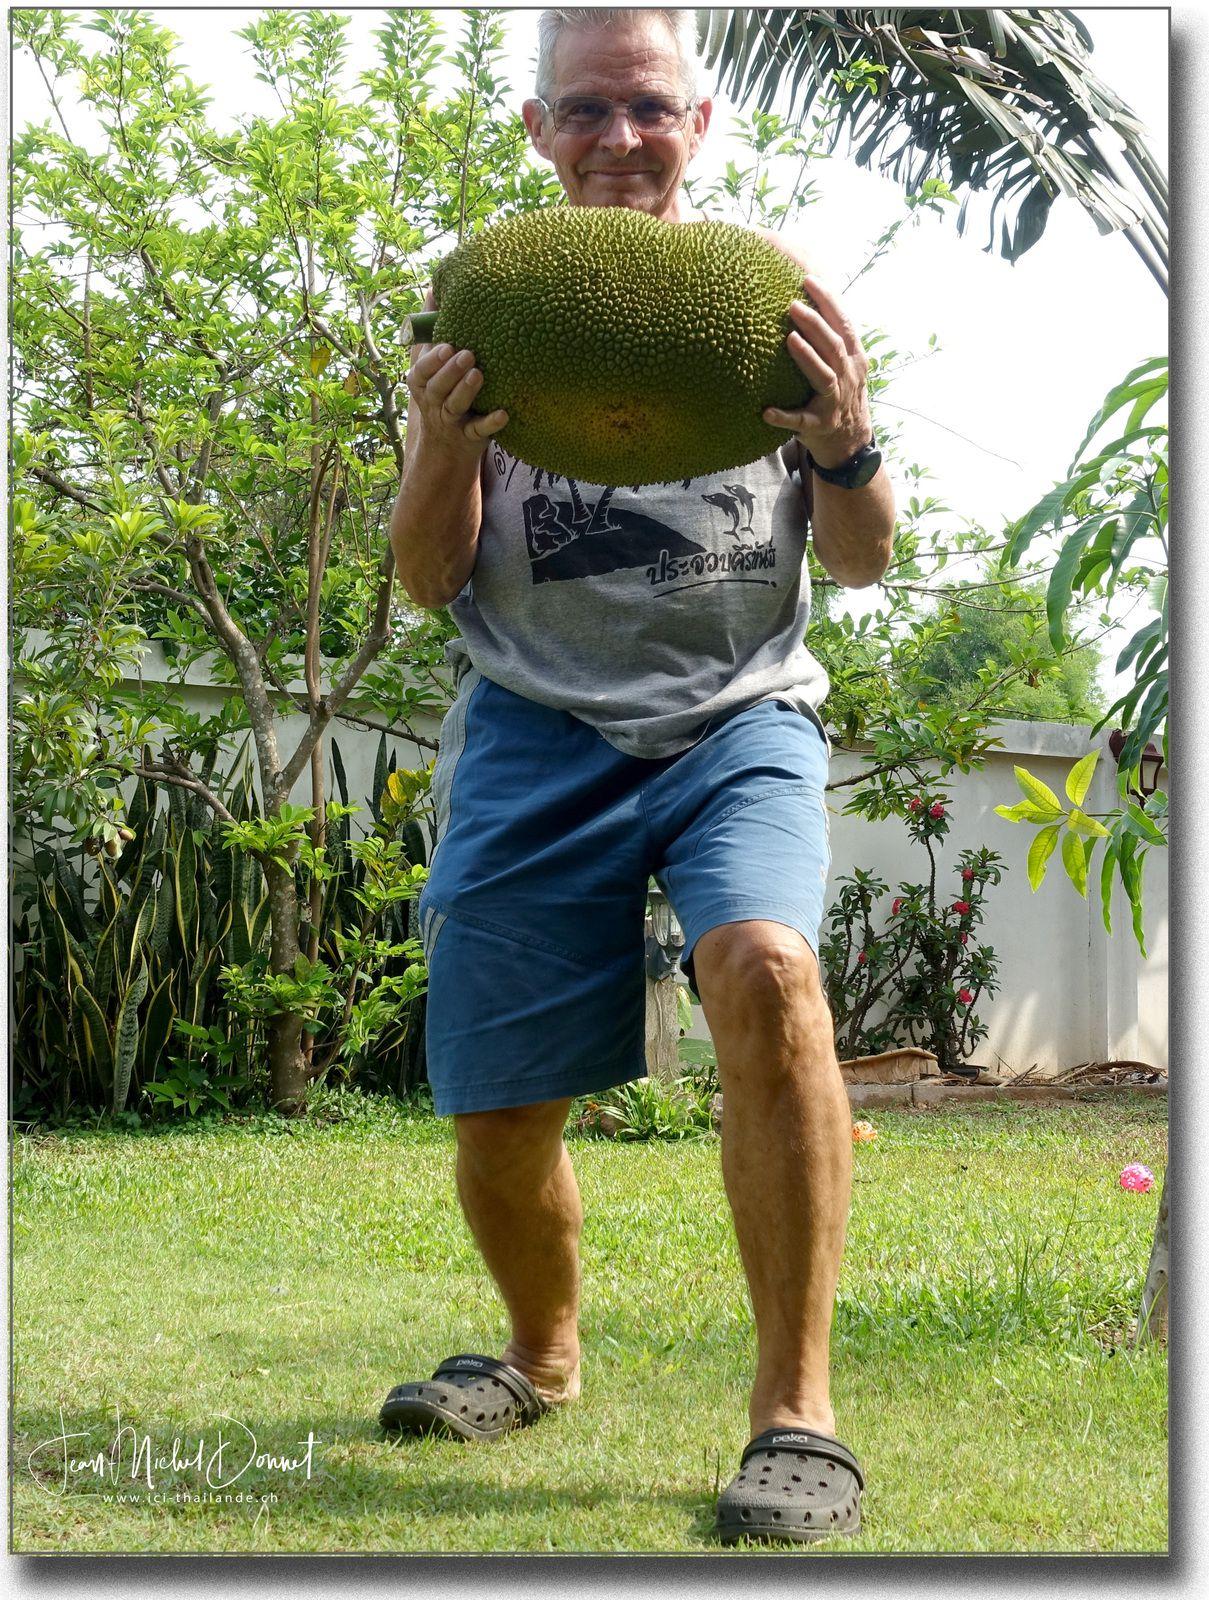 Ce n'est point la pierre d'Uspunnen (Thaïlande)